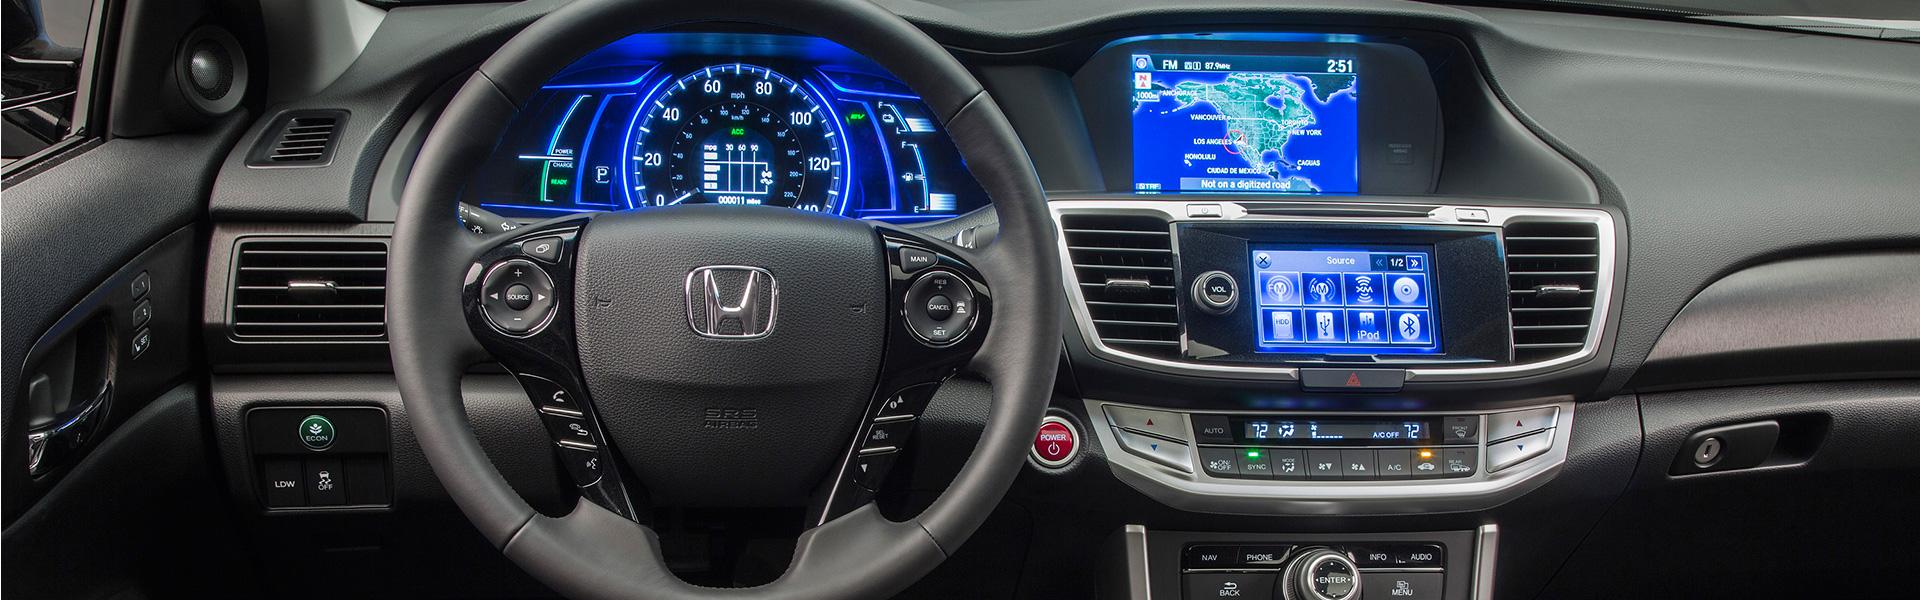 Honda dash